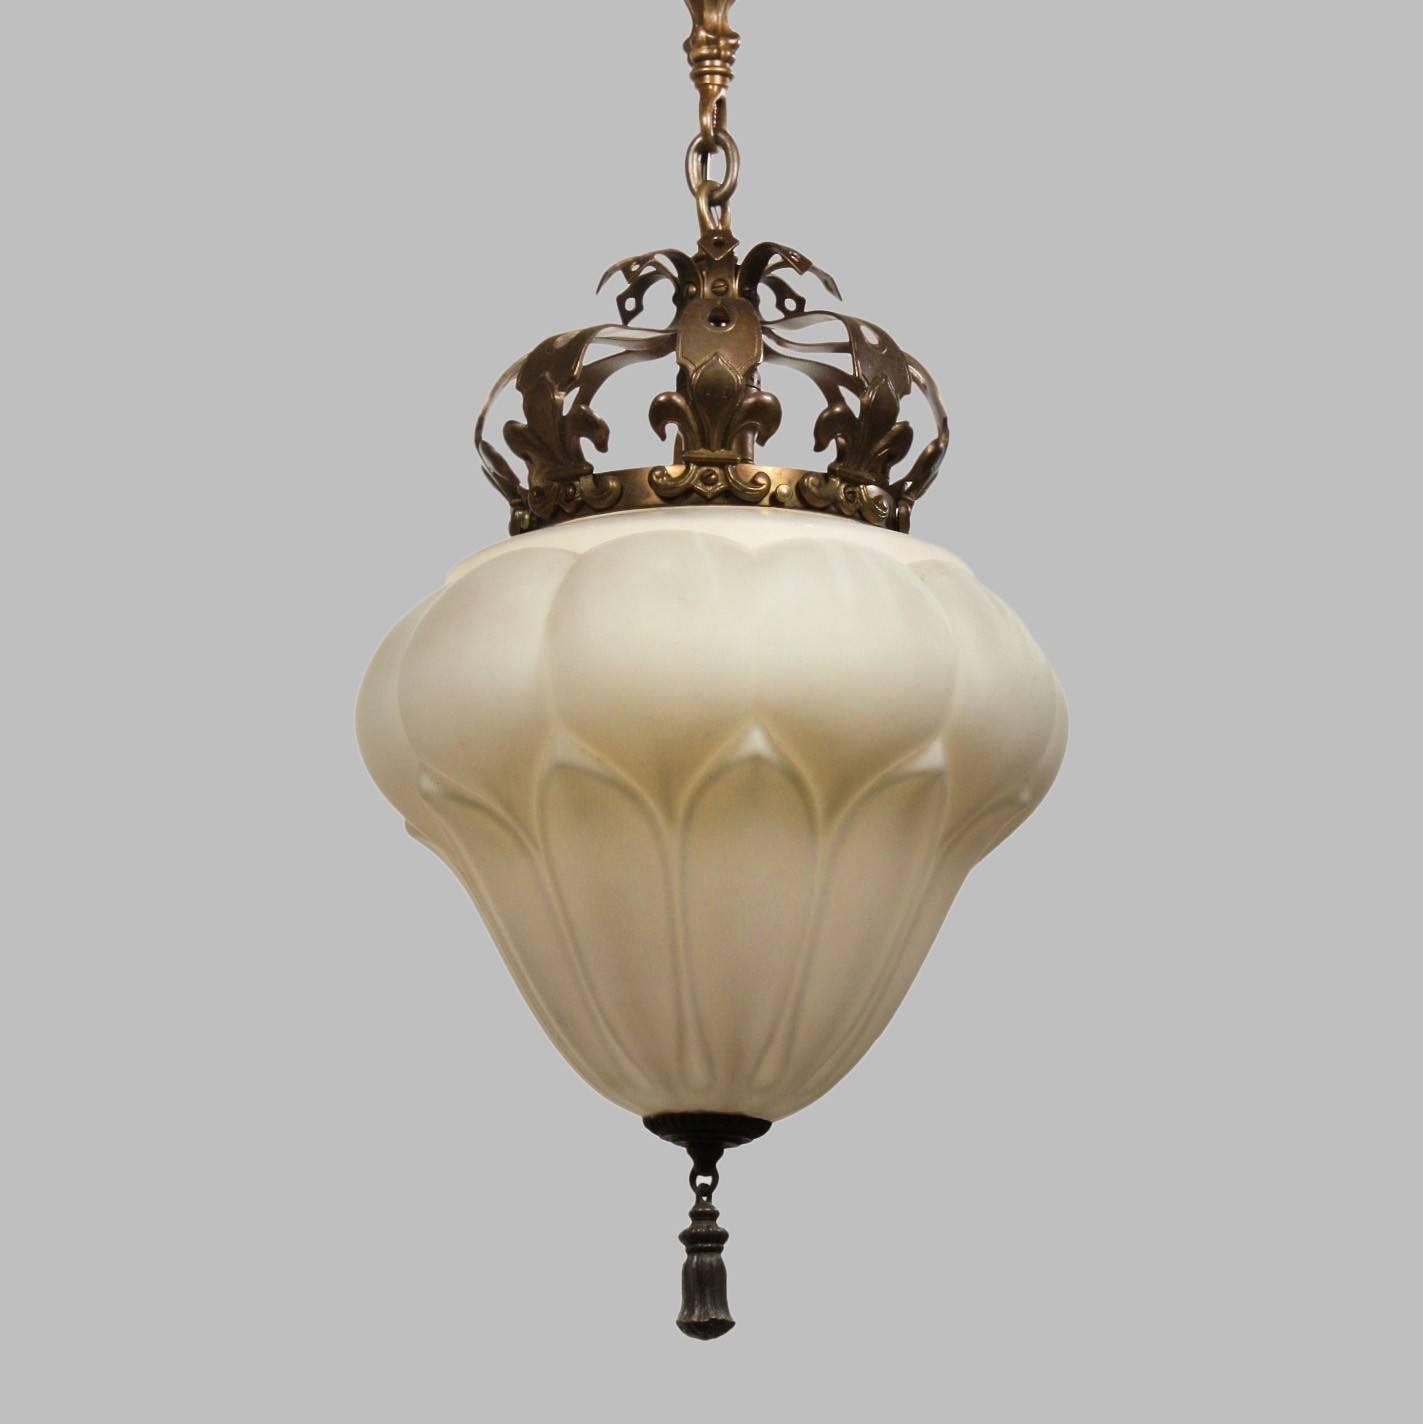 Antique Pendant Light With Fleur-De-Lis, Early 1900S intended for Fleur De Lis Lights Fixtures (Image 2 of 15)